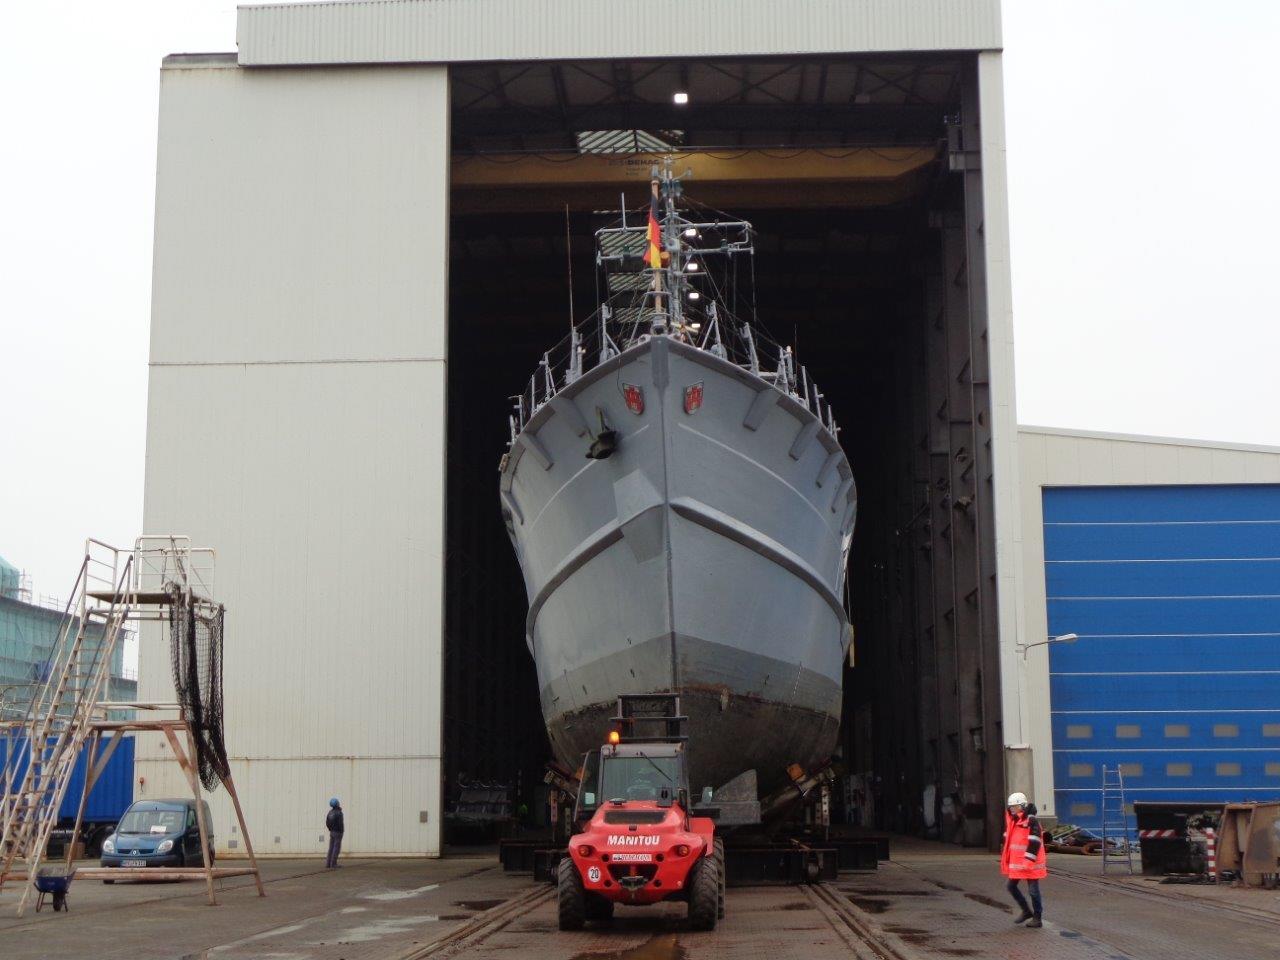 Minenjagdboot Weilheim auf dem Weg in die Halle